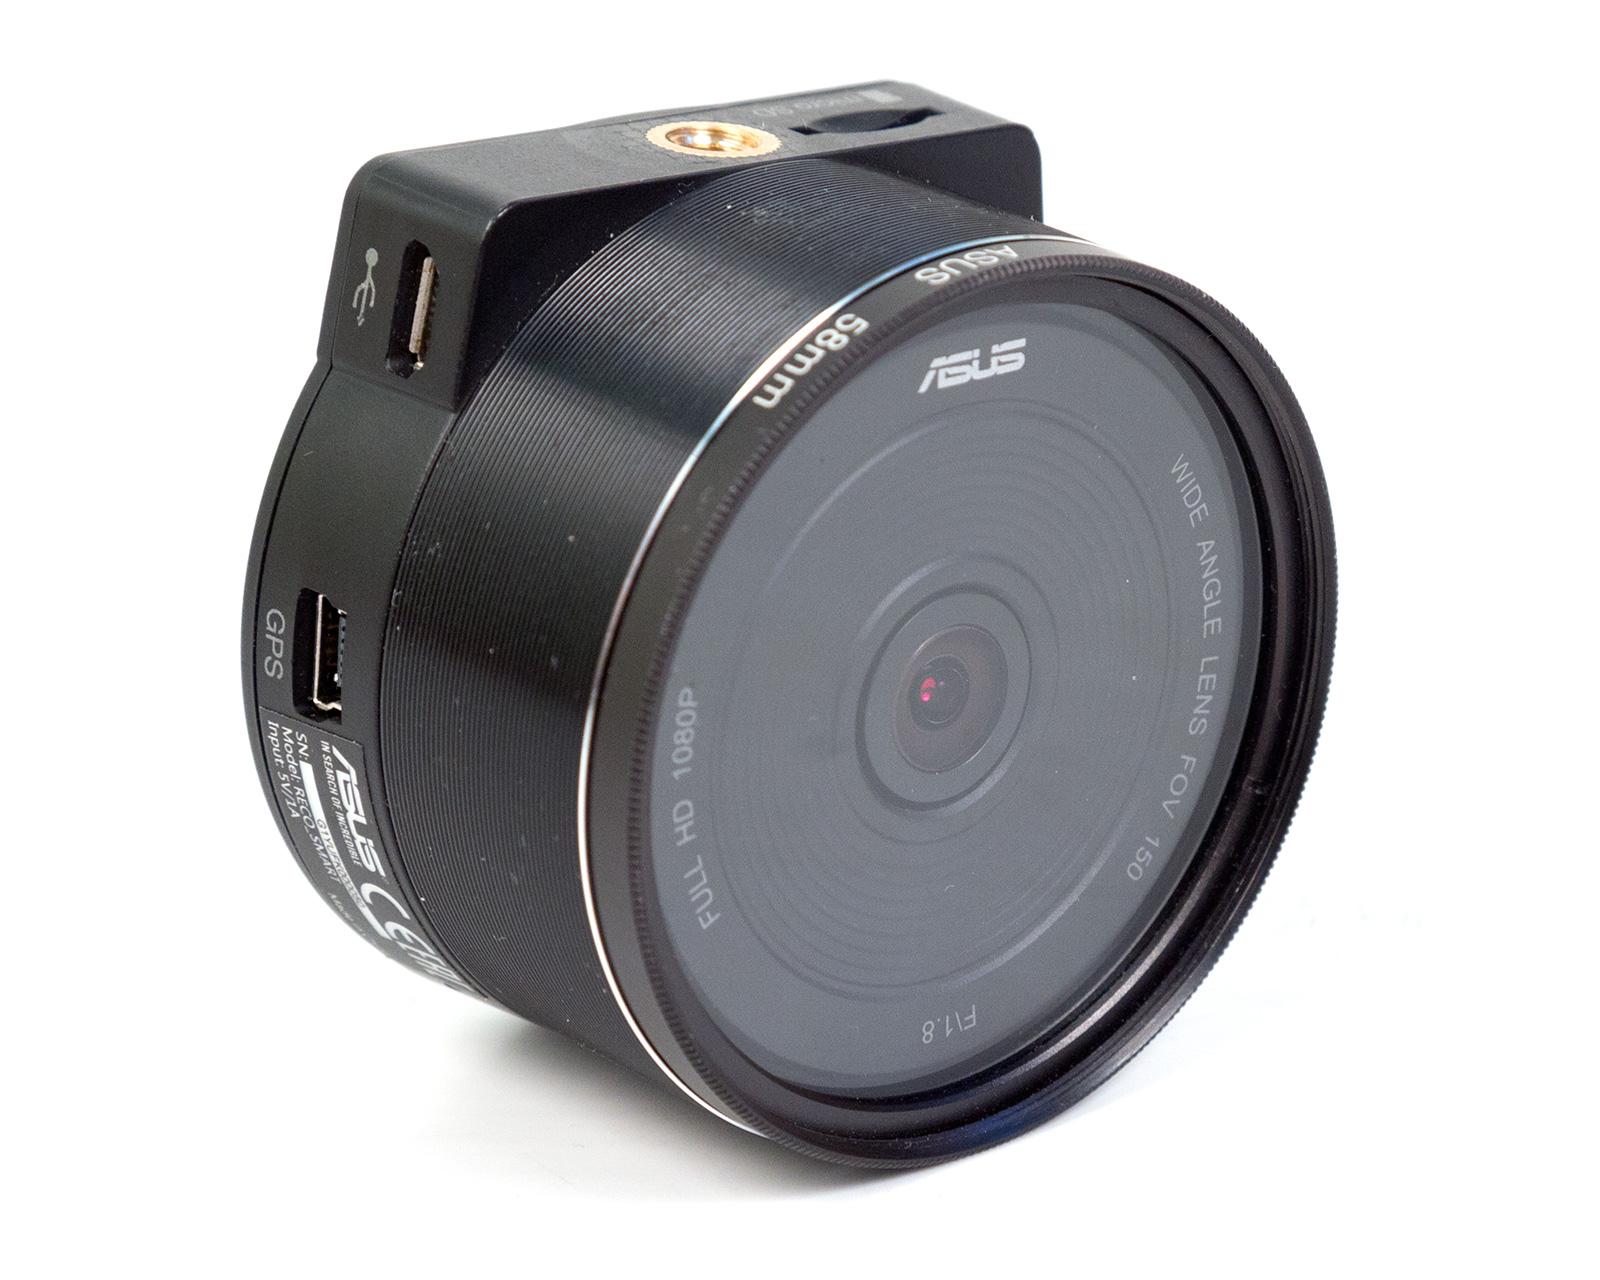 как выглядит фильтр для воды резервуар фото